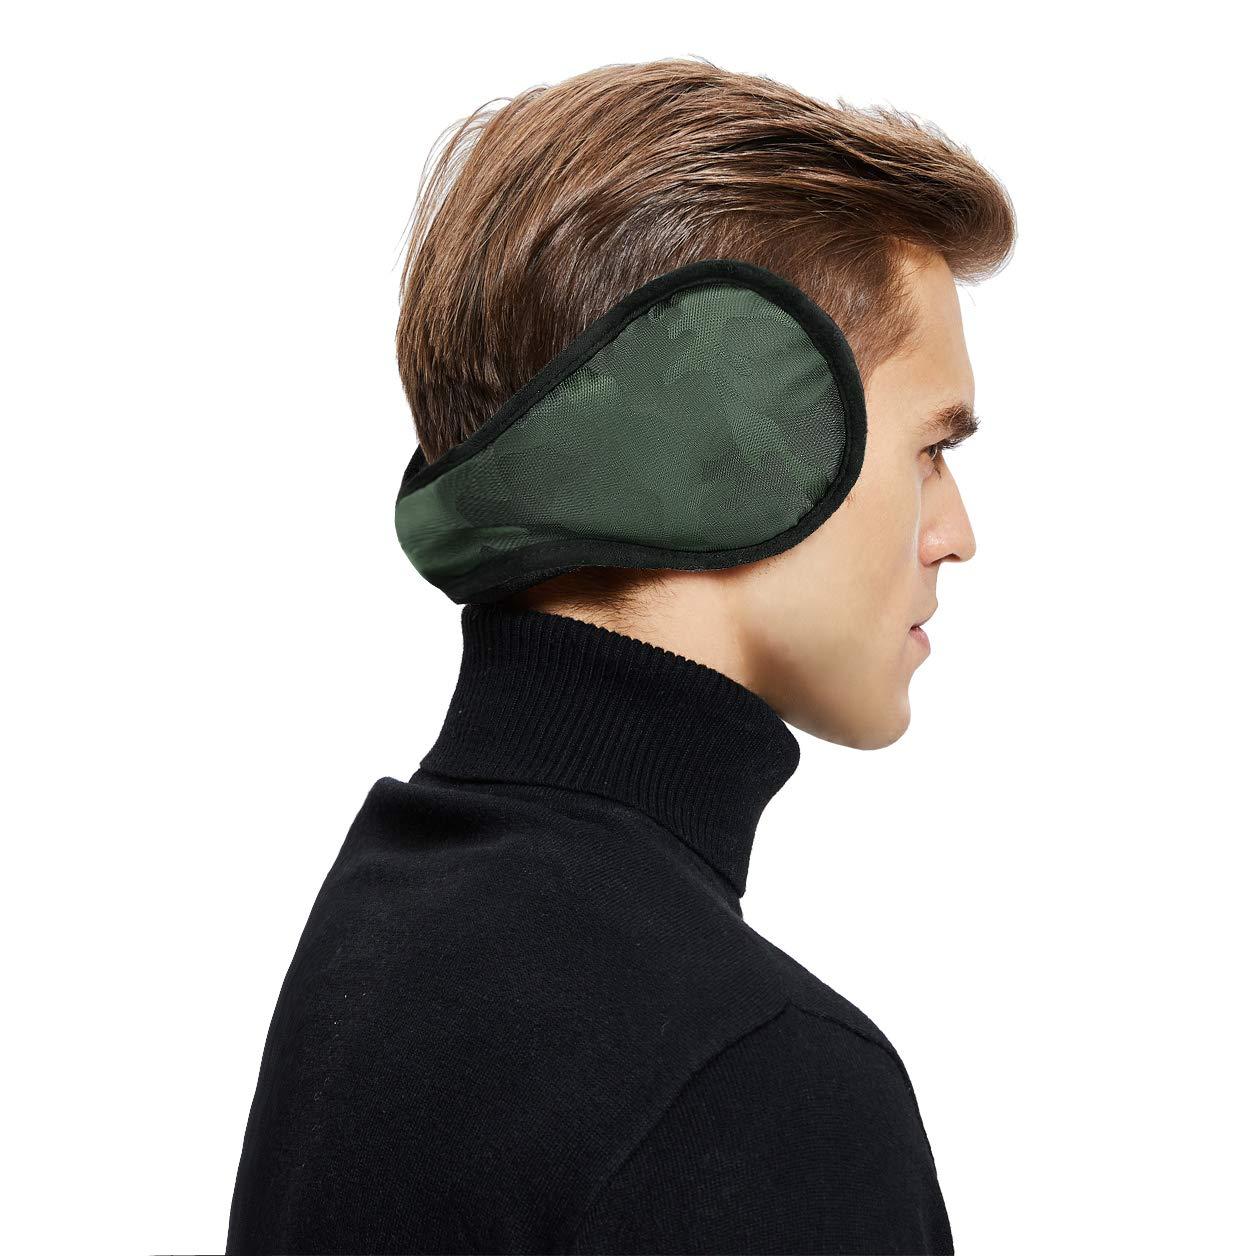 Sheepskin Wool Snug Earmuffs Ear Warmer - Camouflage Celadon Nylon Earwarmer